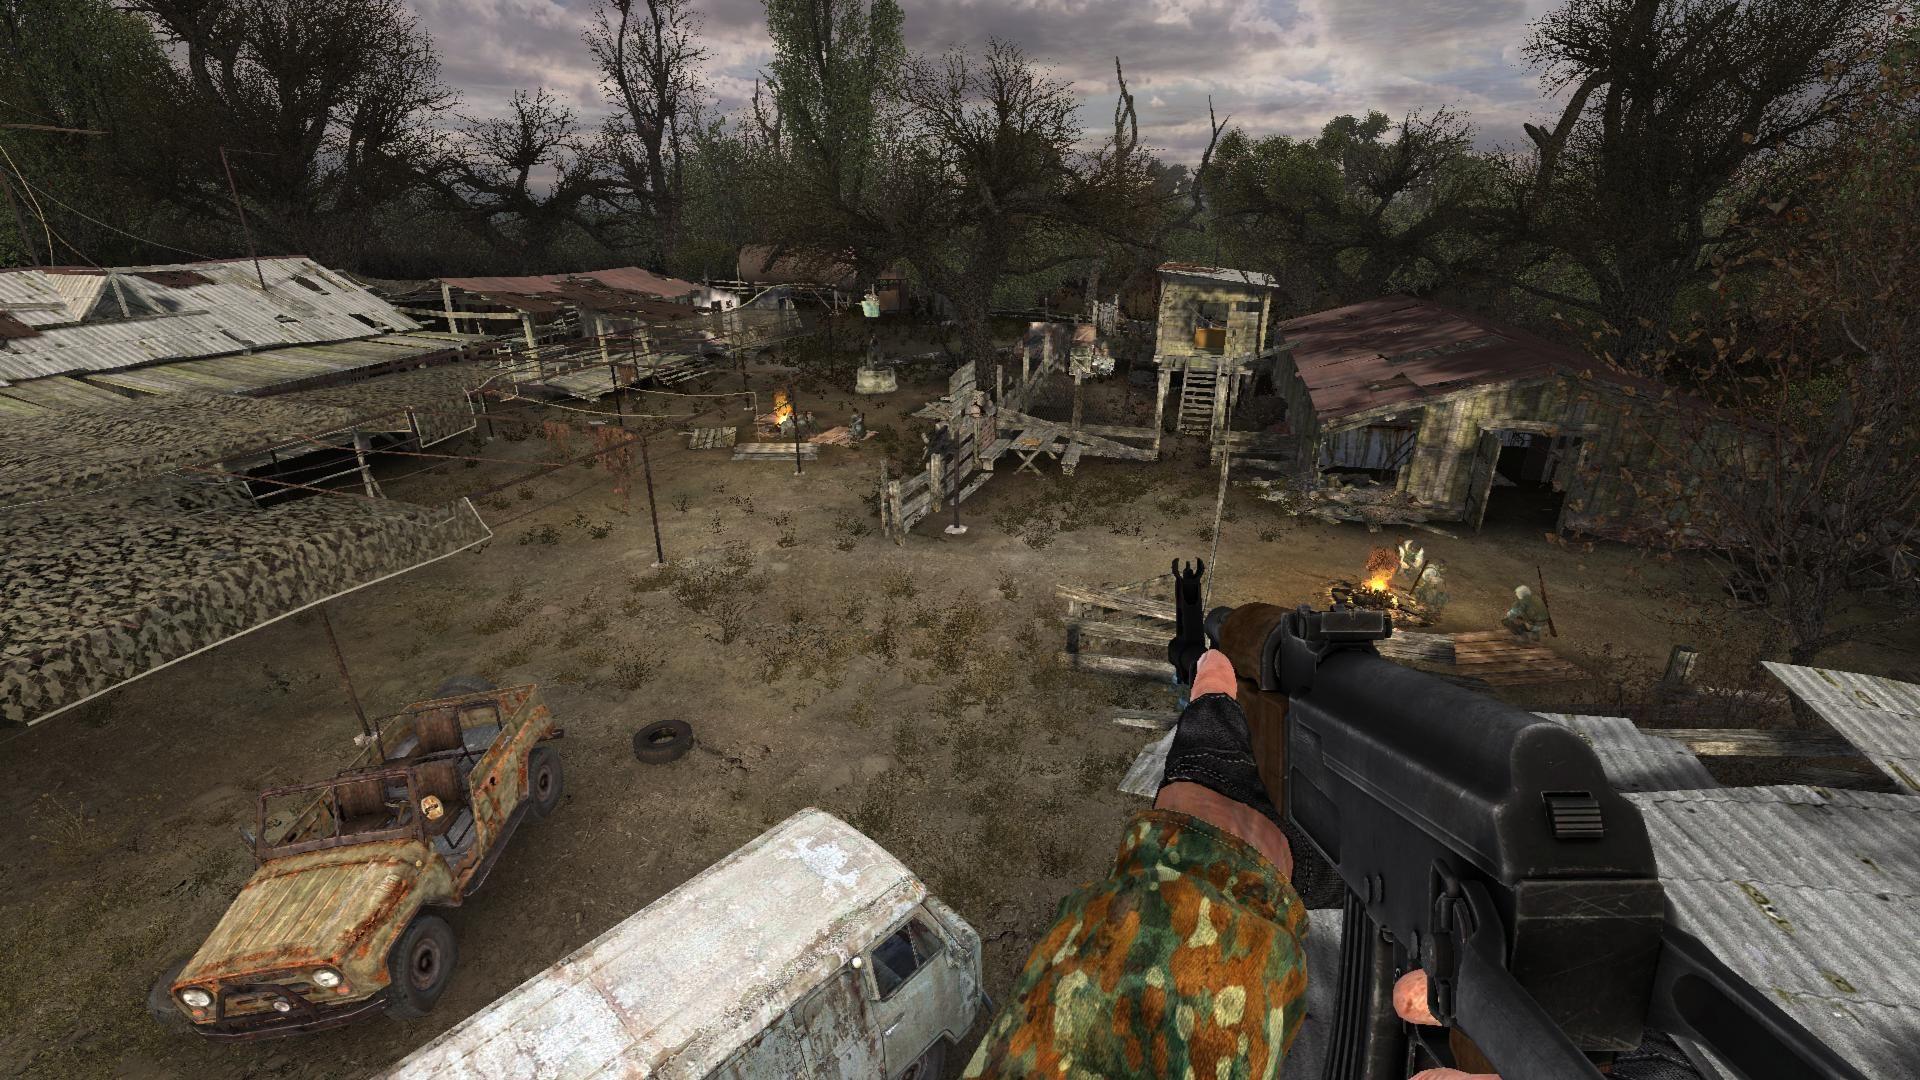 S.T.A.L.K.E.R.: Shadow of Chernobyl - Новый Арсенал [1.0006/5.1] (2018/PC/Русский), Repack от SeregA-Lus